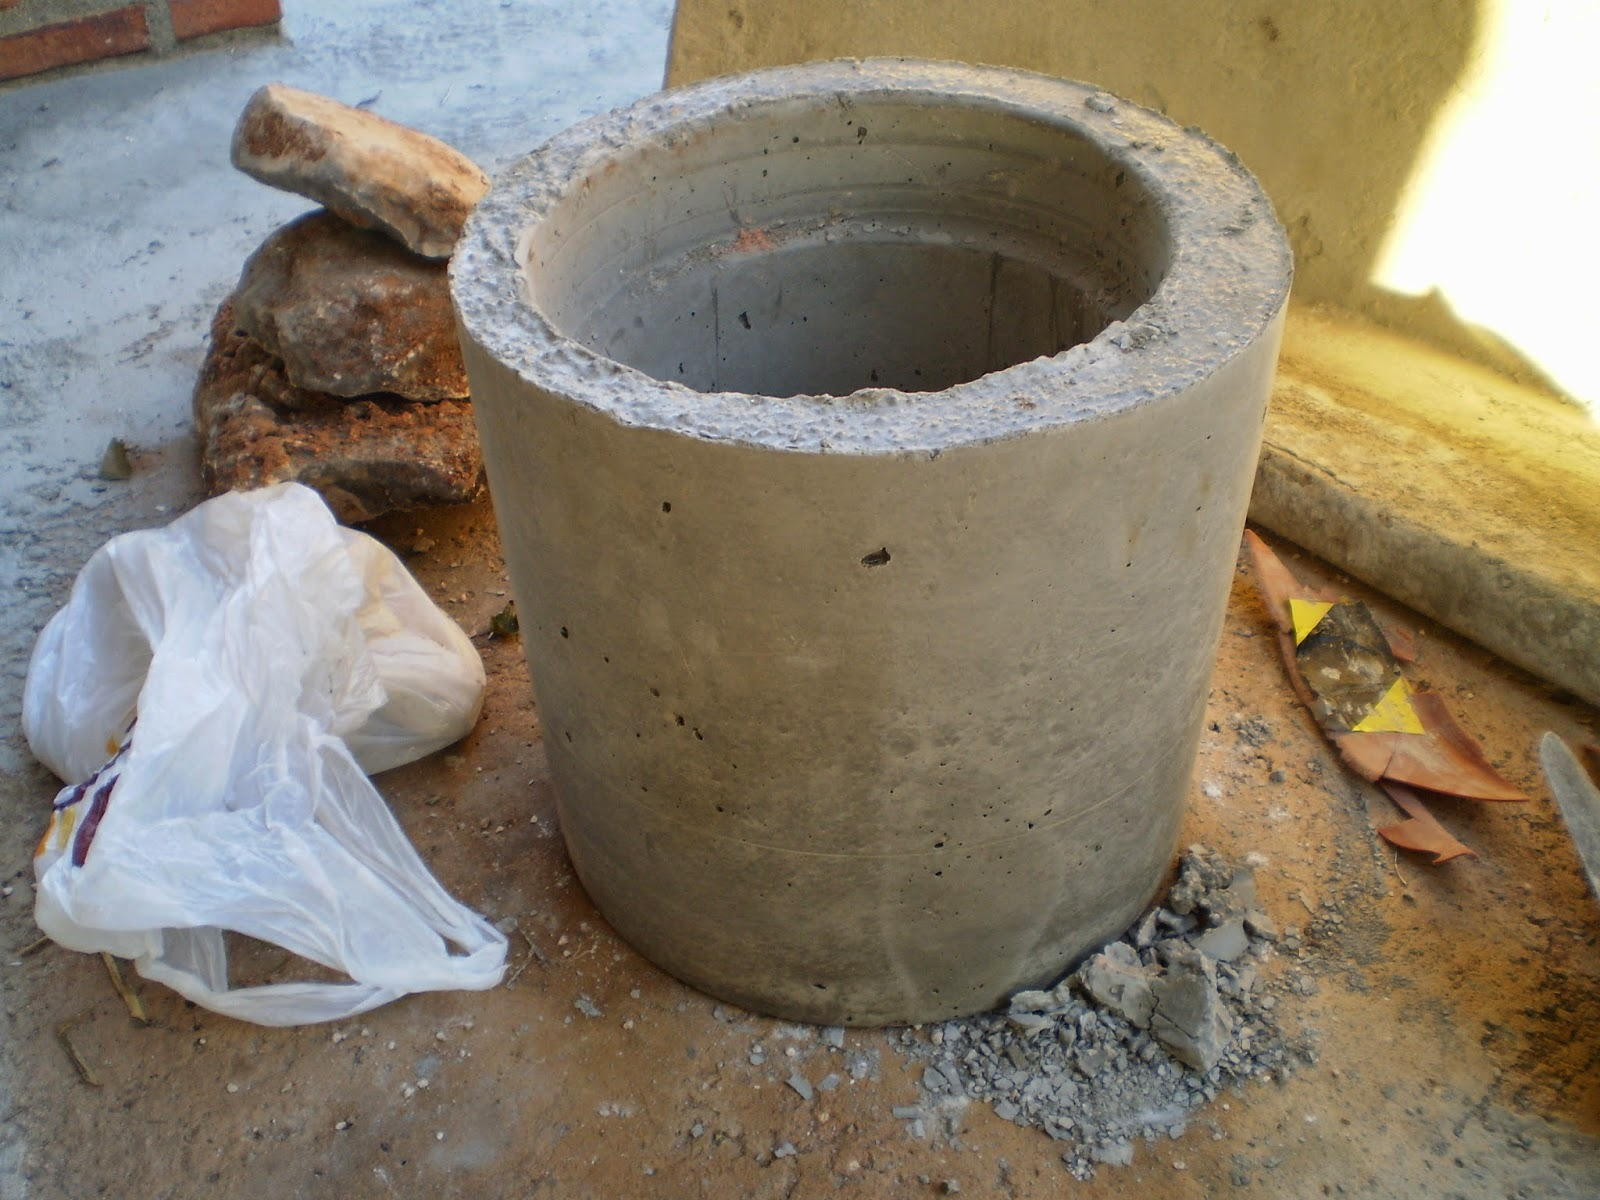 El blog de la elena un blog dulce divertido y - Maceta de cemento ...